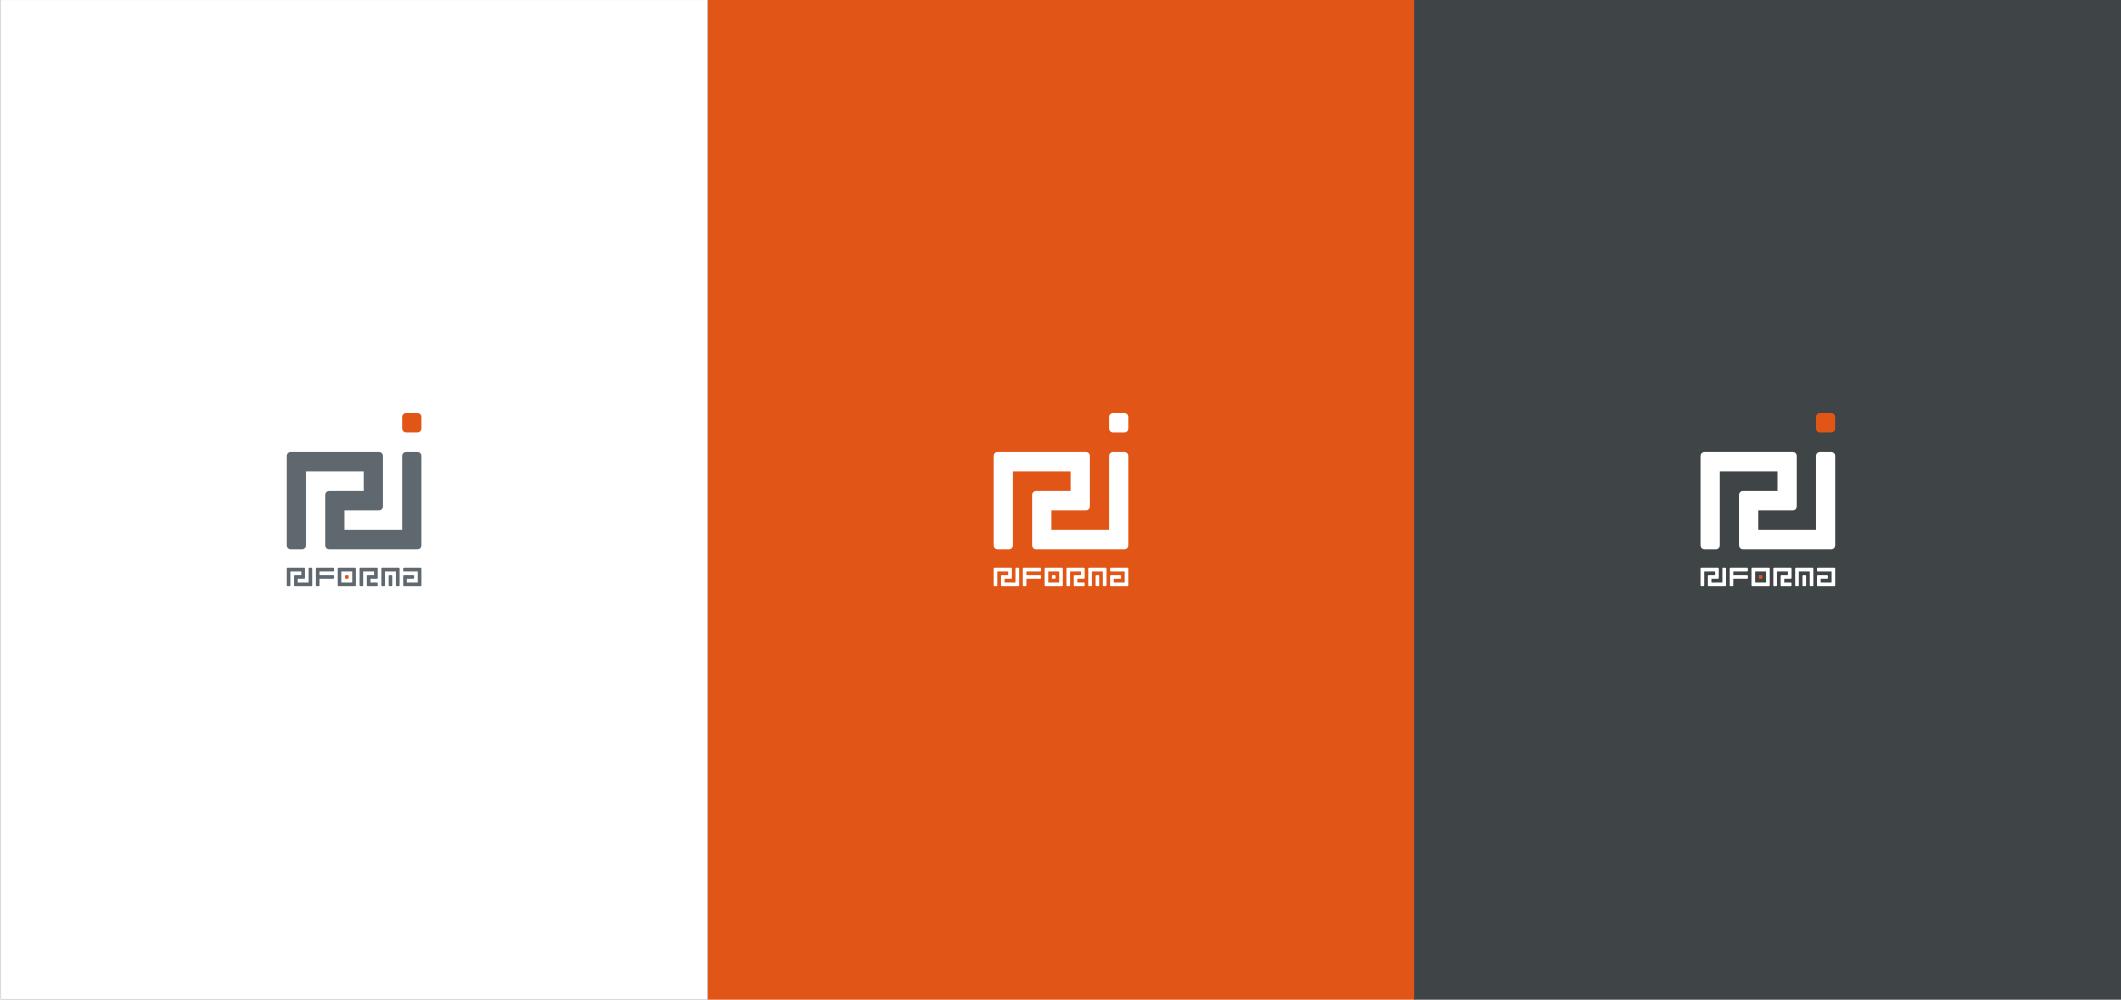 Разработка логотипа и элементов фирменного стиля фото f_50857a38985462b5.png